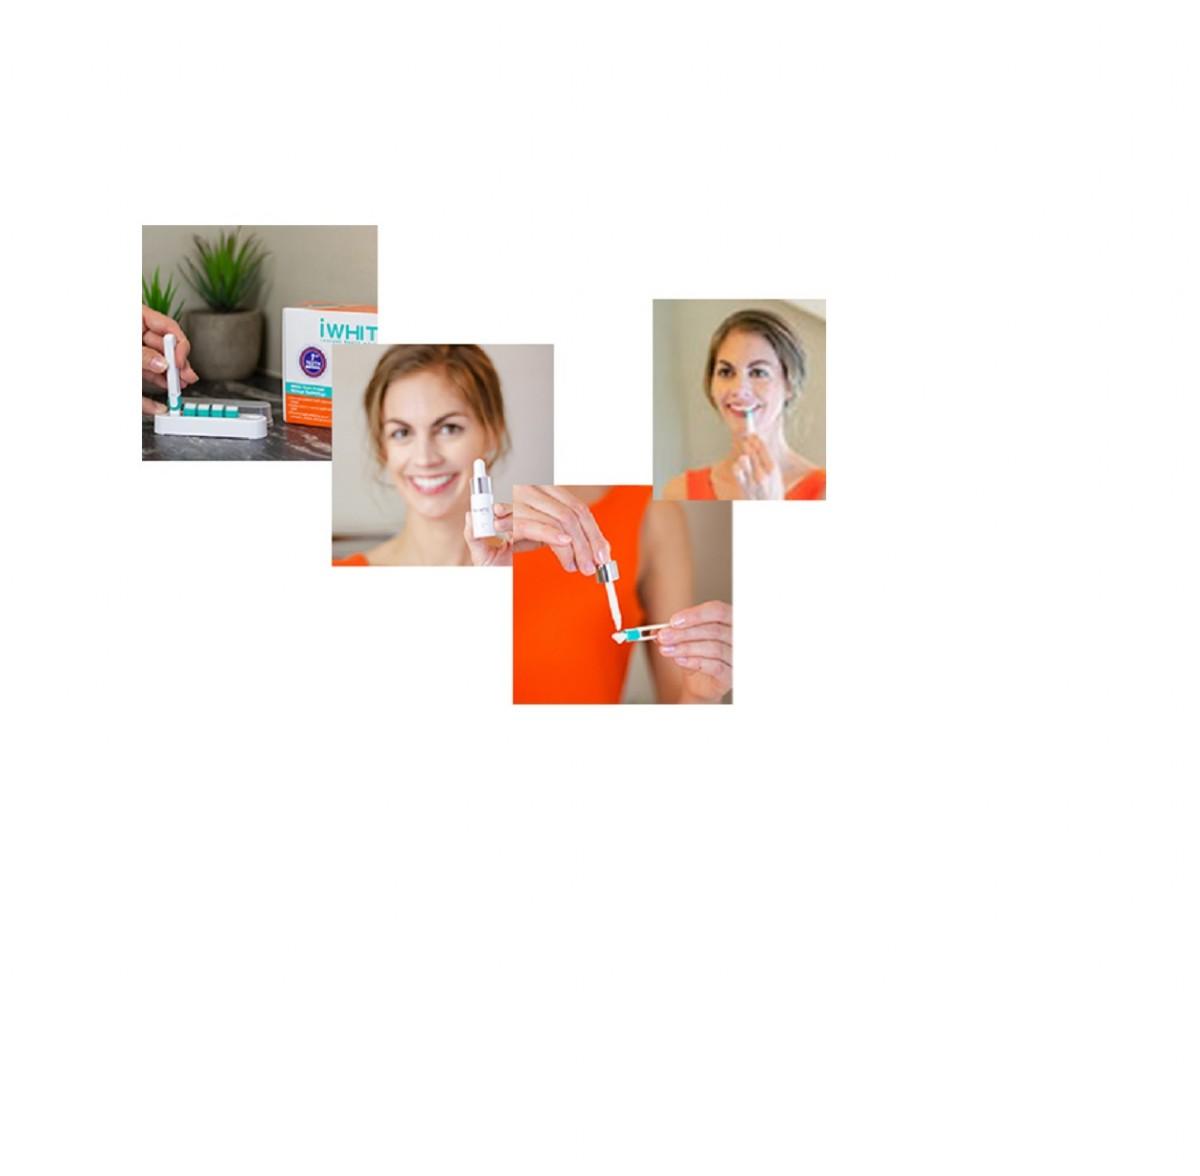 ¿Cómo usar los moldes de blanqueamiento dental i-white?